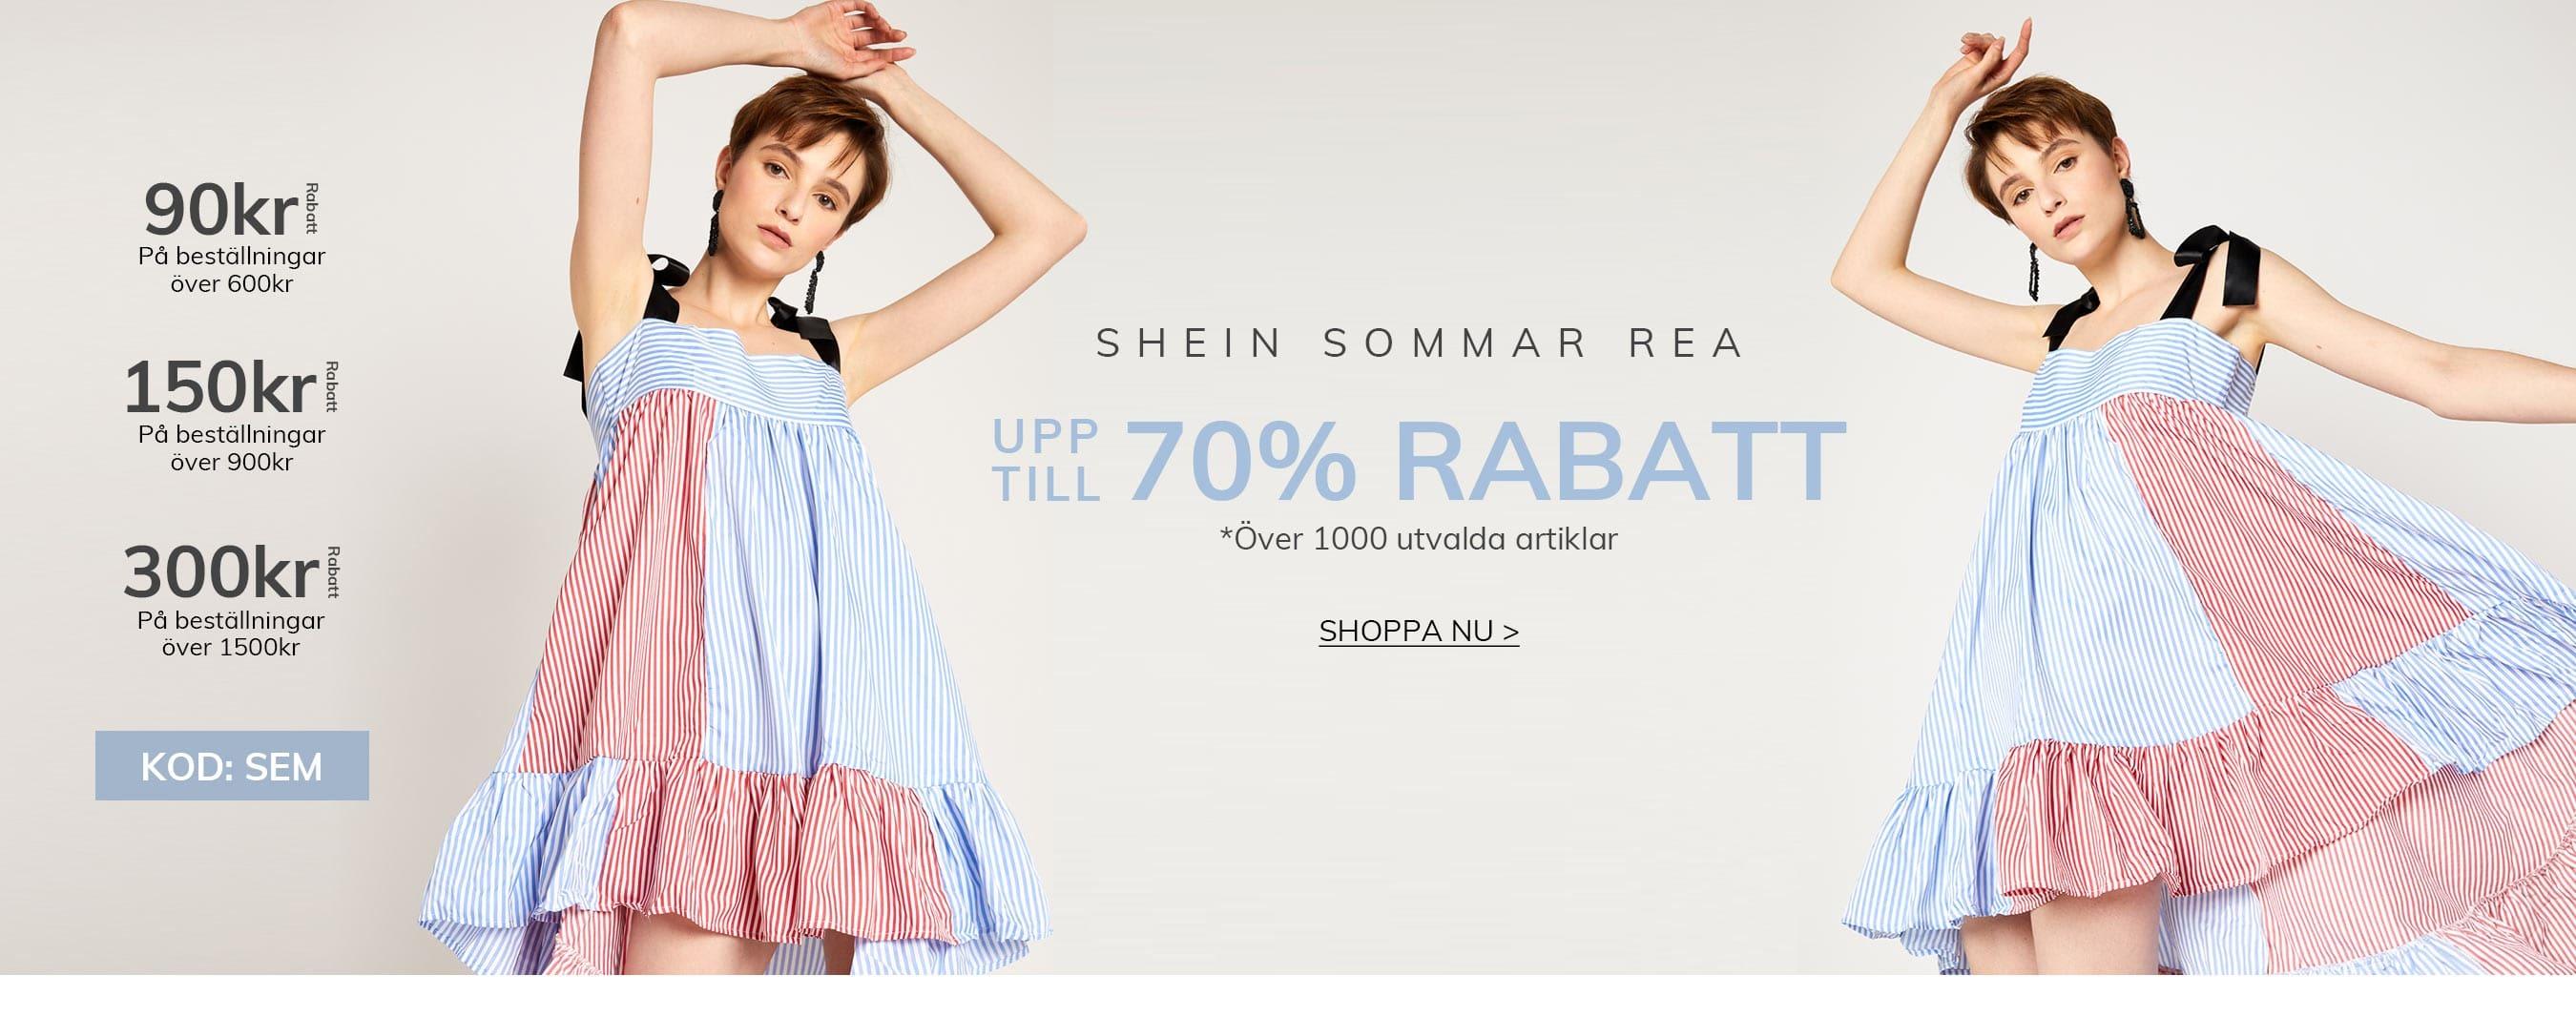 67b981daa2e9 Kvinnors Kläder, Mode Rea för Kvinnor | SHEIN SE